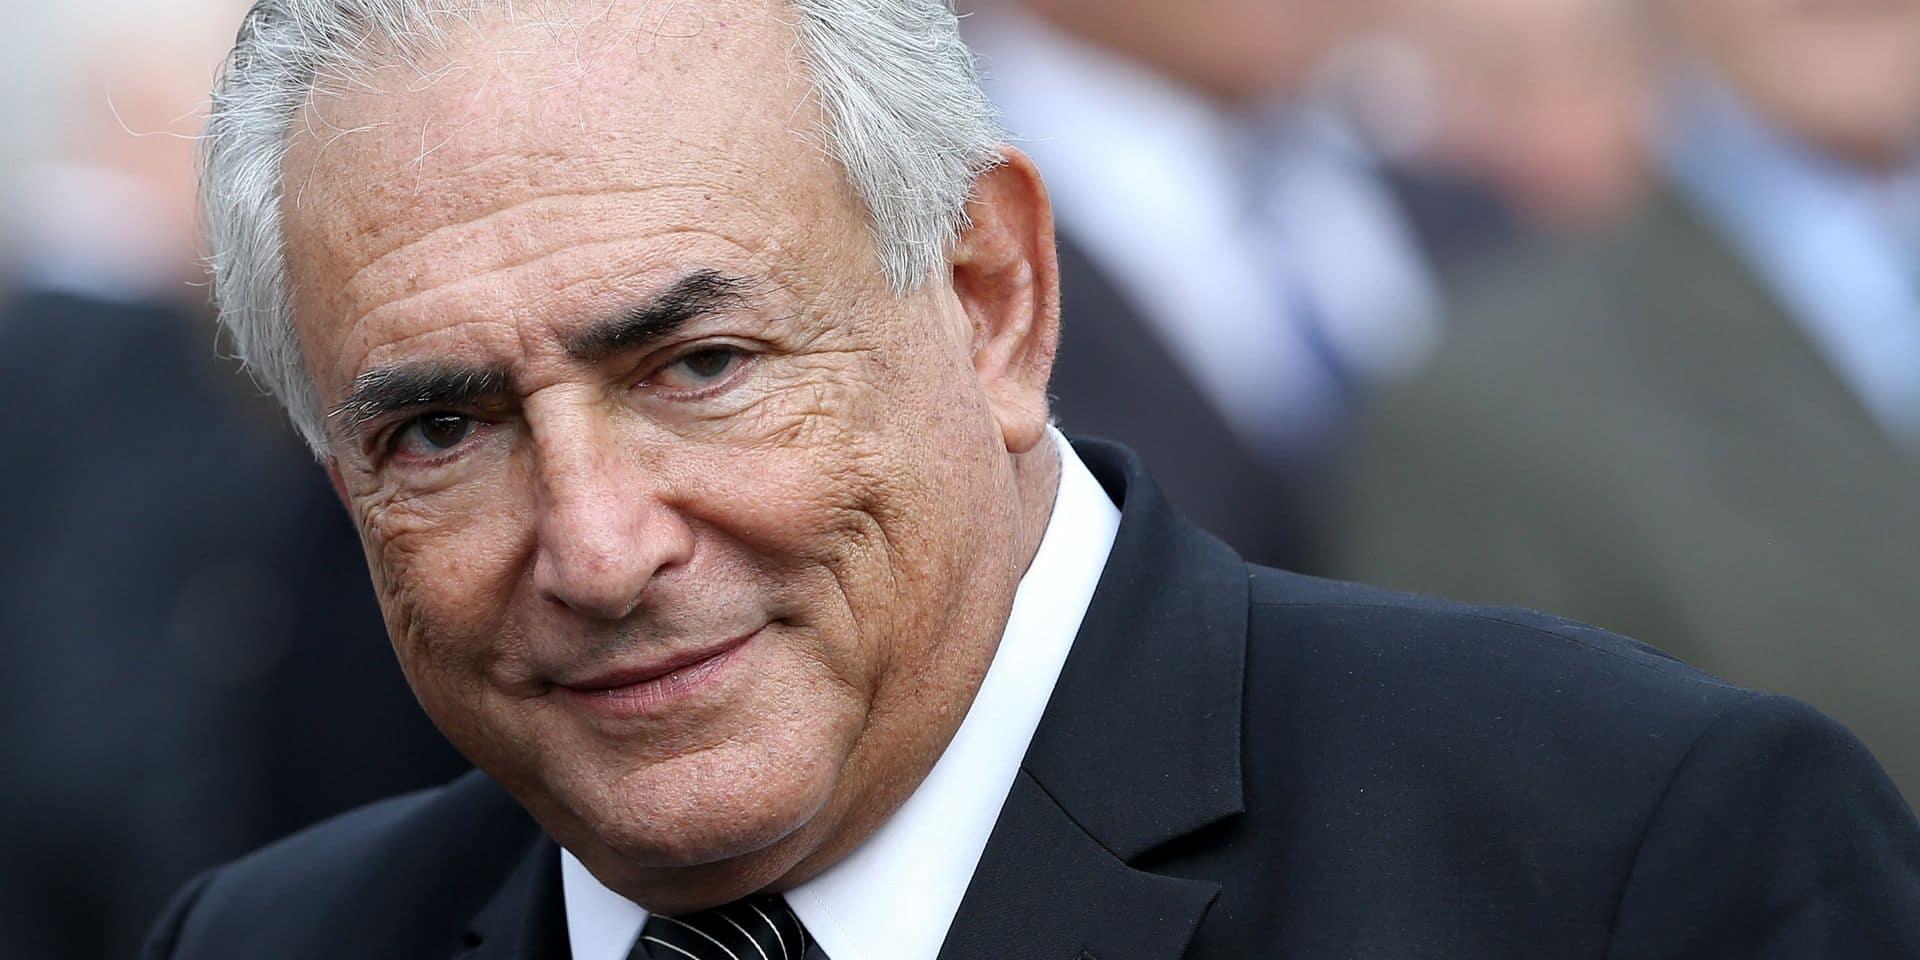 """Dominique Strauss-Kahn se définit en """"brexiter"""": """"C'est très bien que les Anglais fassent leur chemin de leur côté"""""""